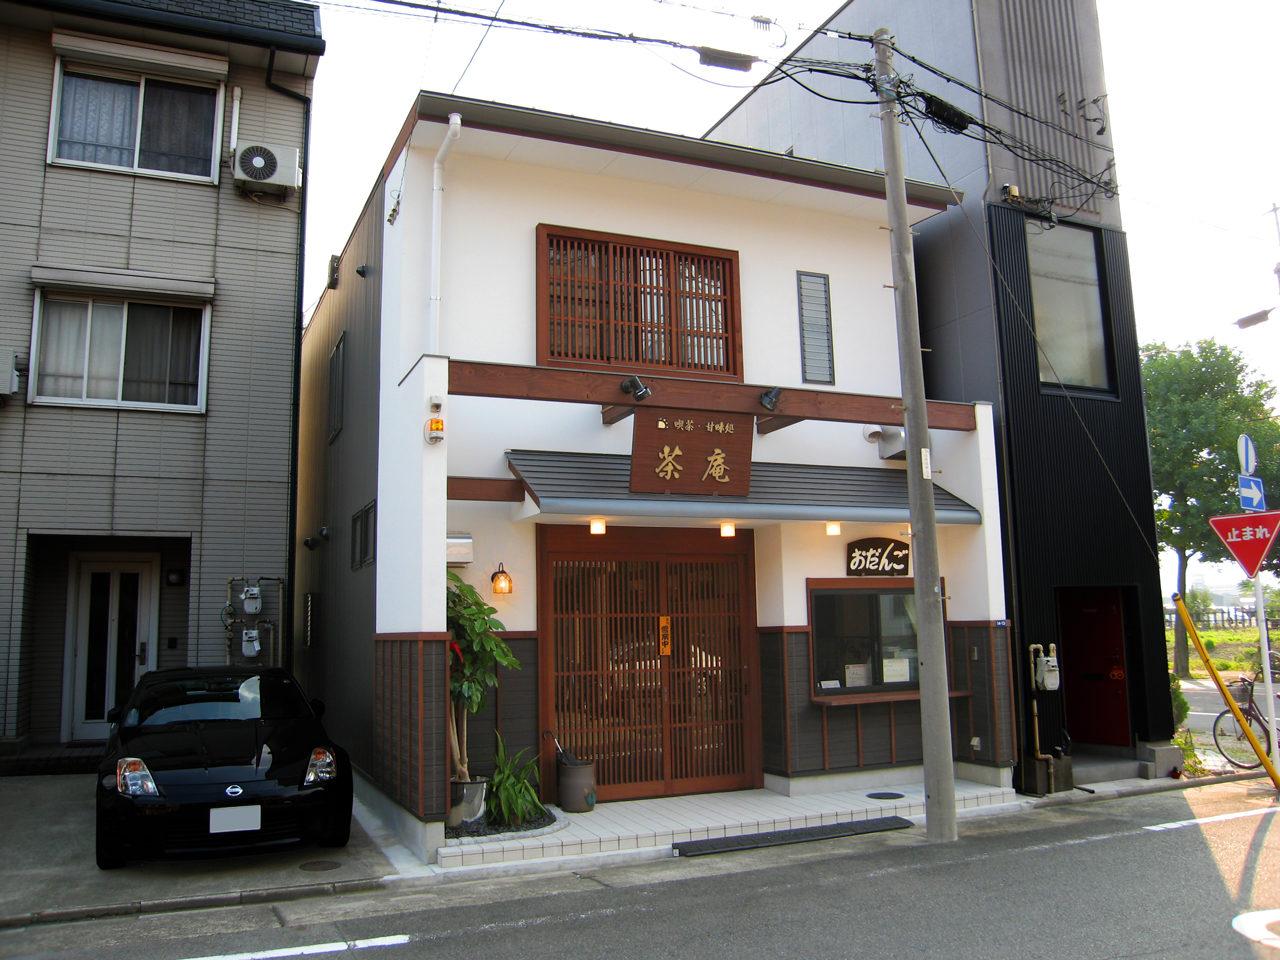 新築設計、店舗デザインをした喫茶店、甘味処、店舗兼用住宅の茶庵|名古屋市港区